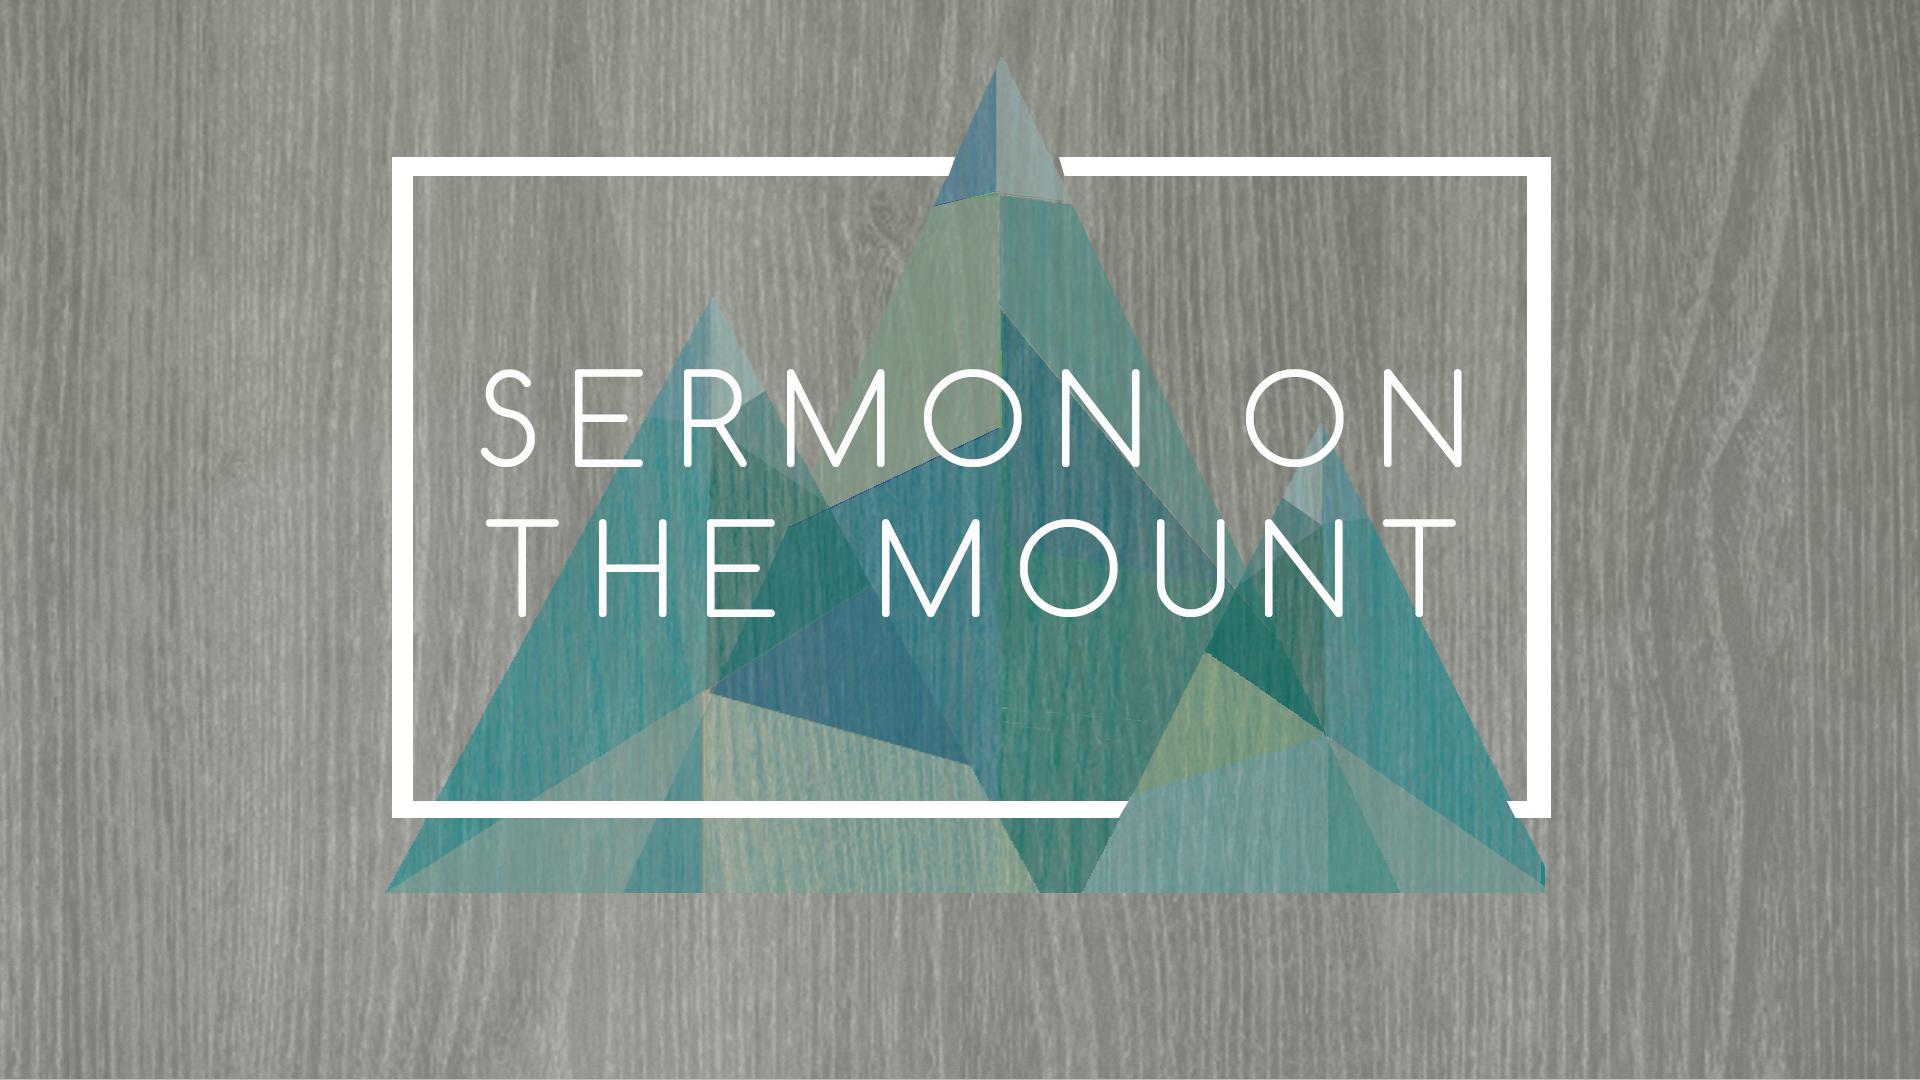 Listen to Sunday's sermon over Matthew 6:19-24.